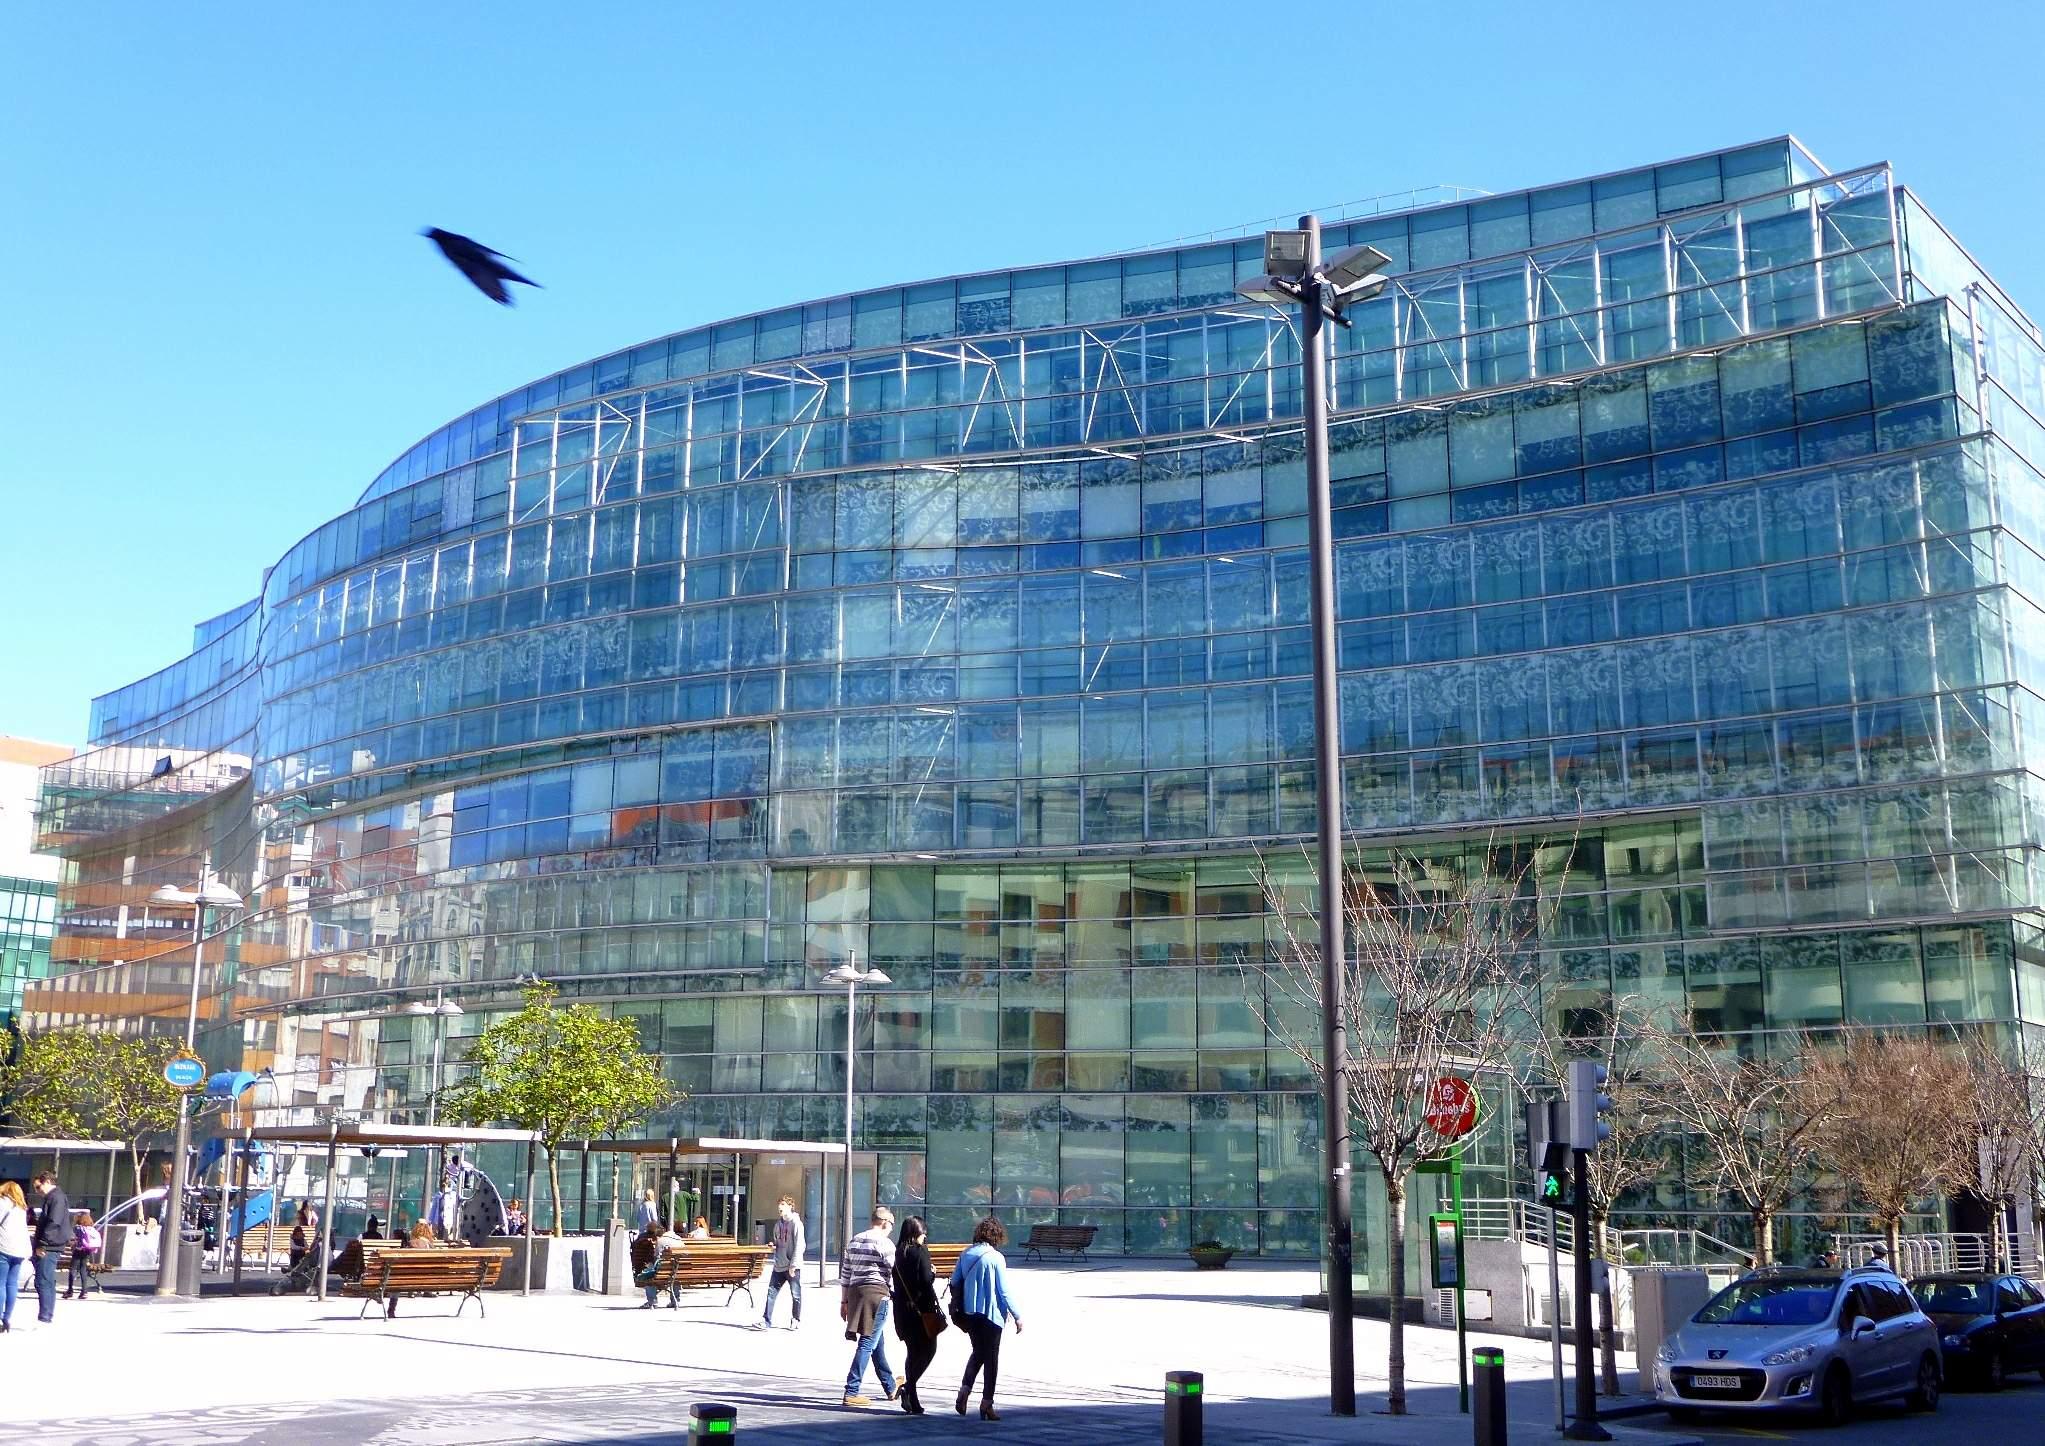 Bilbao wikiwand - Plaza del gas bilbao ...